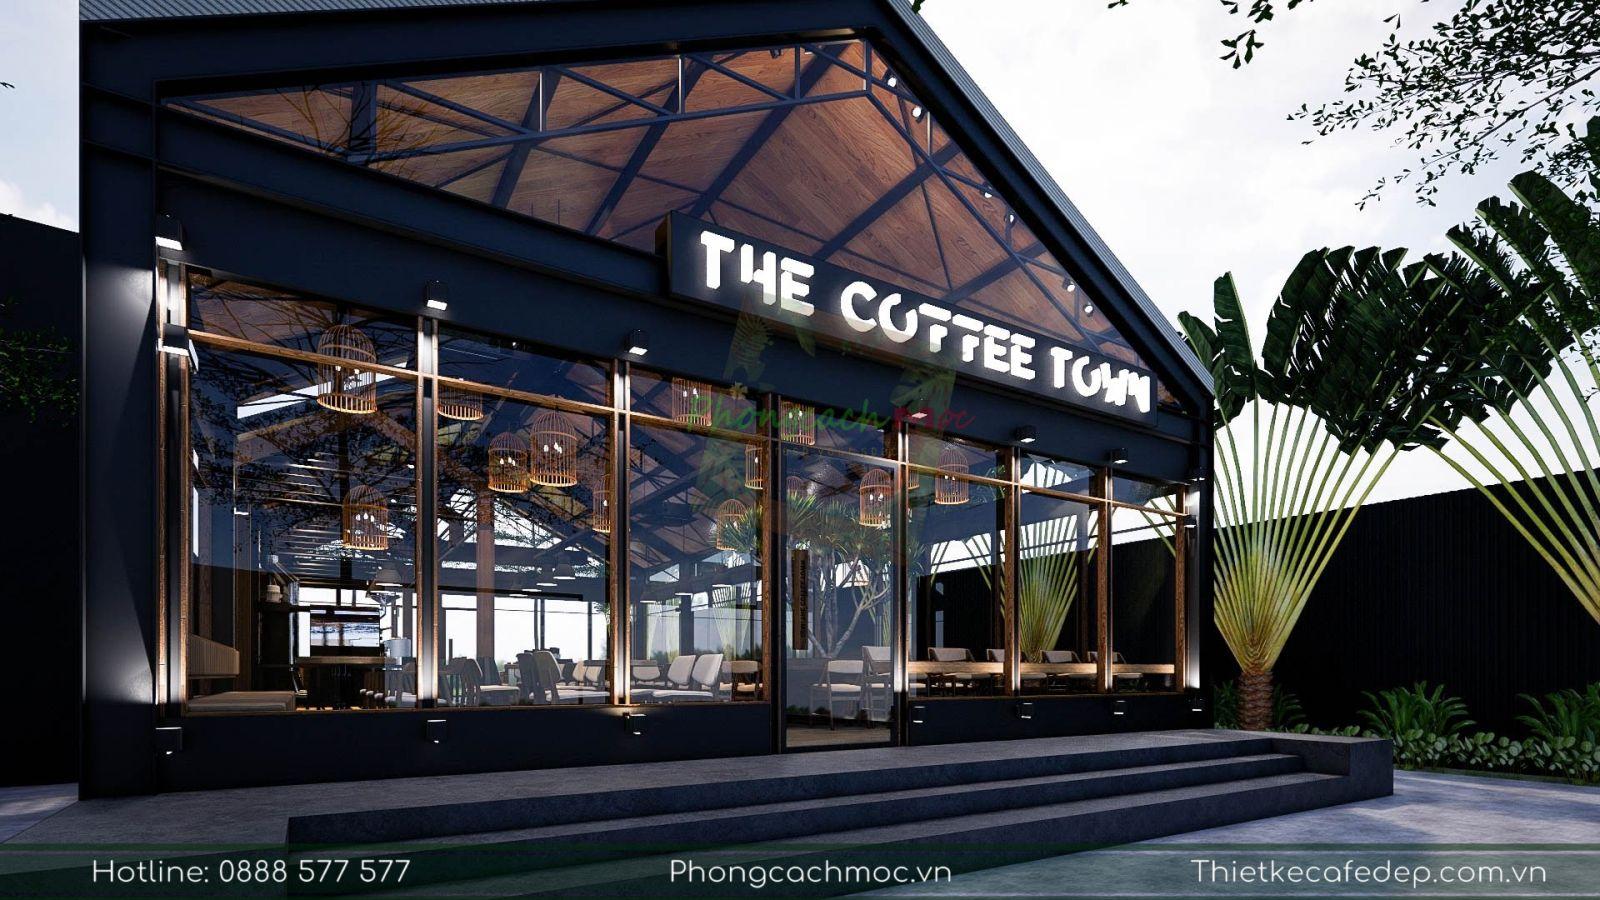 thiết kế sử dụng cây cọ cho quán cafe tạo không khí xanh